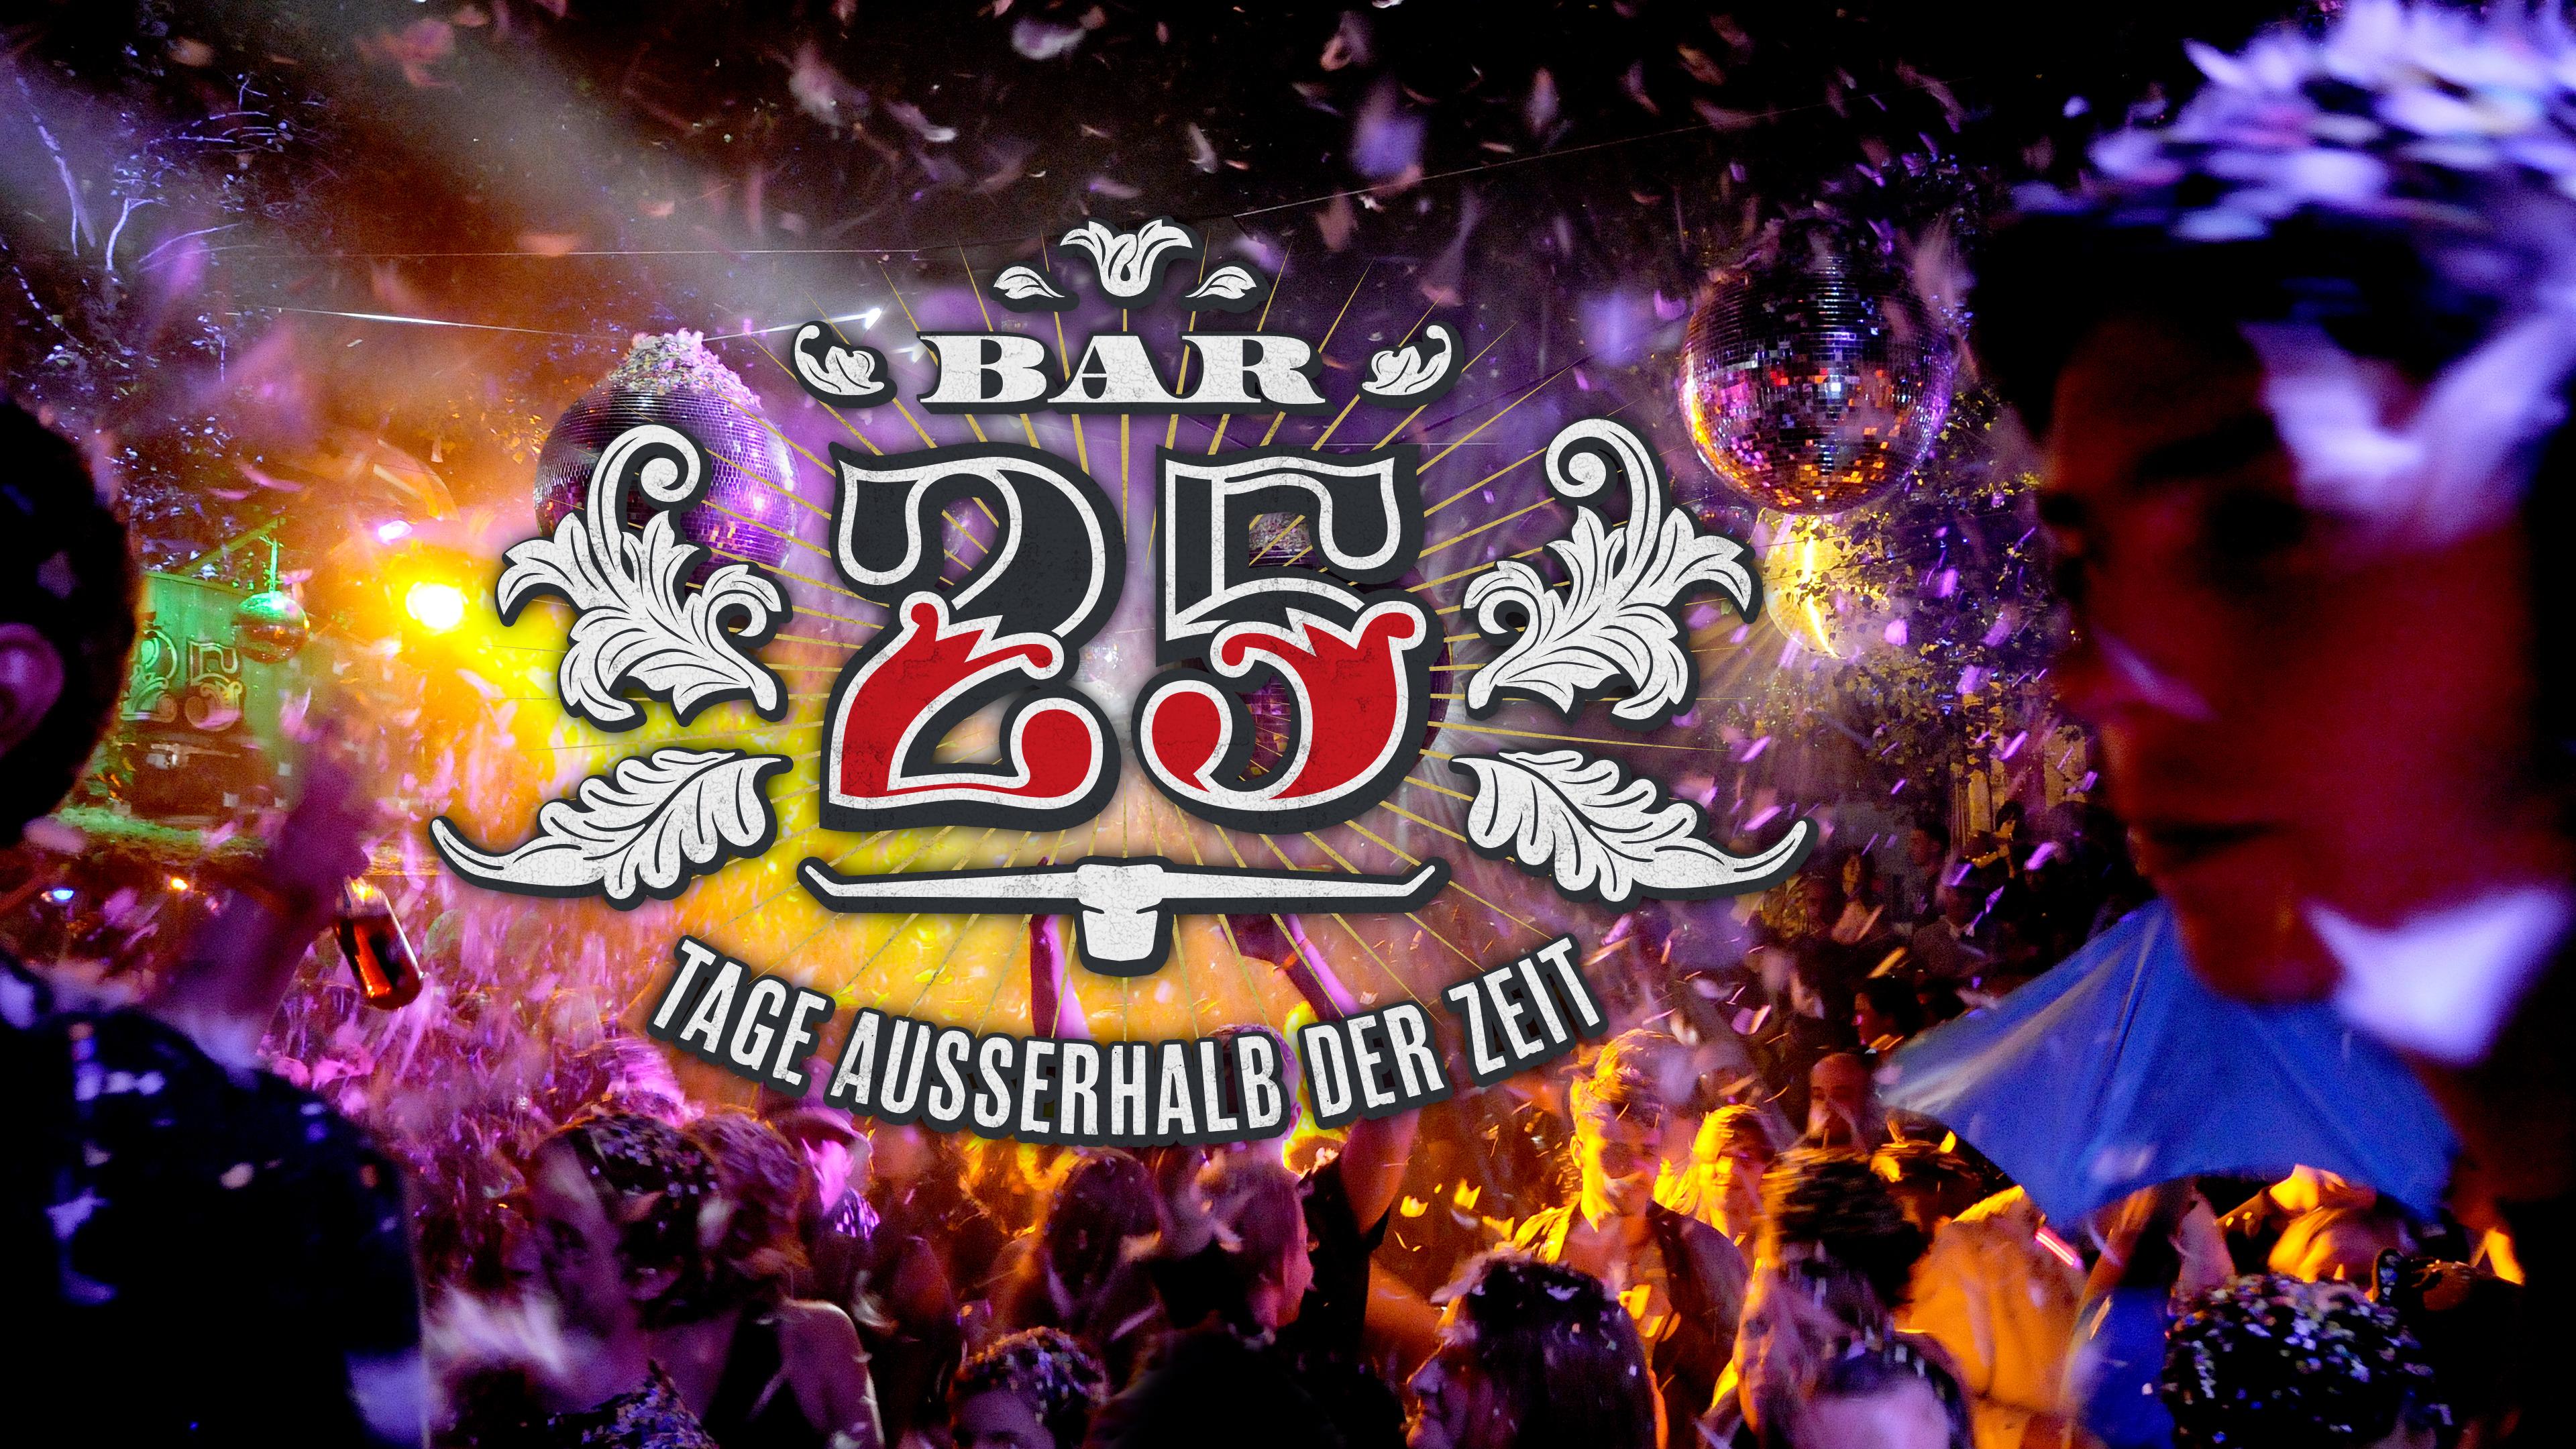 Bar 25 - Tage außerhalb der Zeit